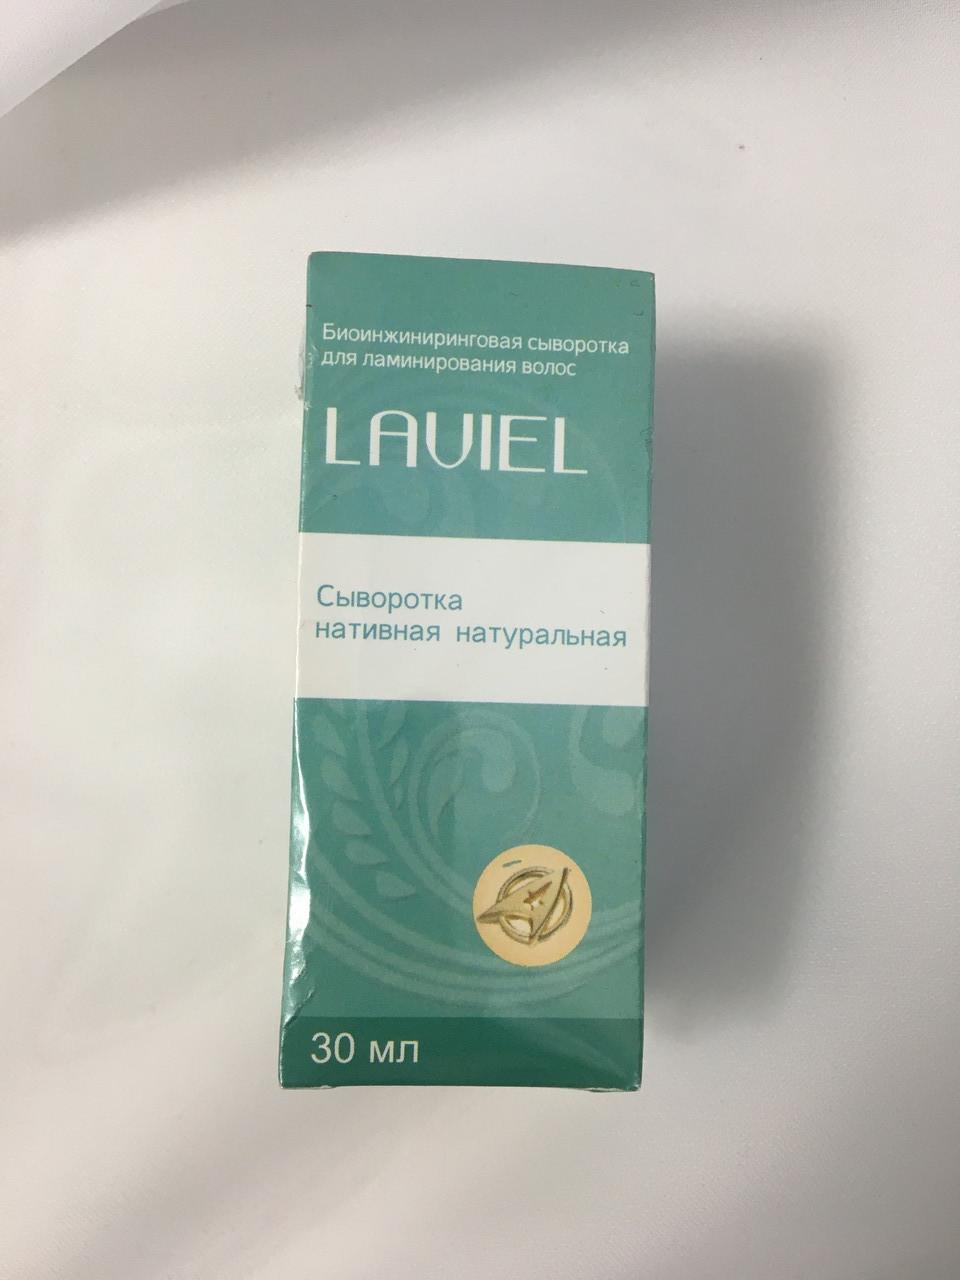 LAVIEL - Сироватка для ламінування волосся 30мл